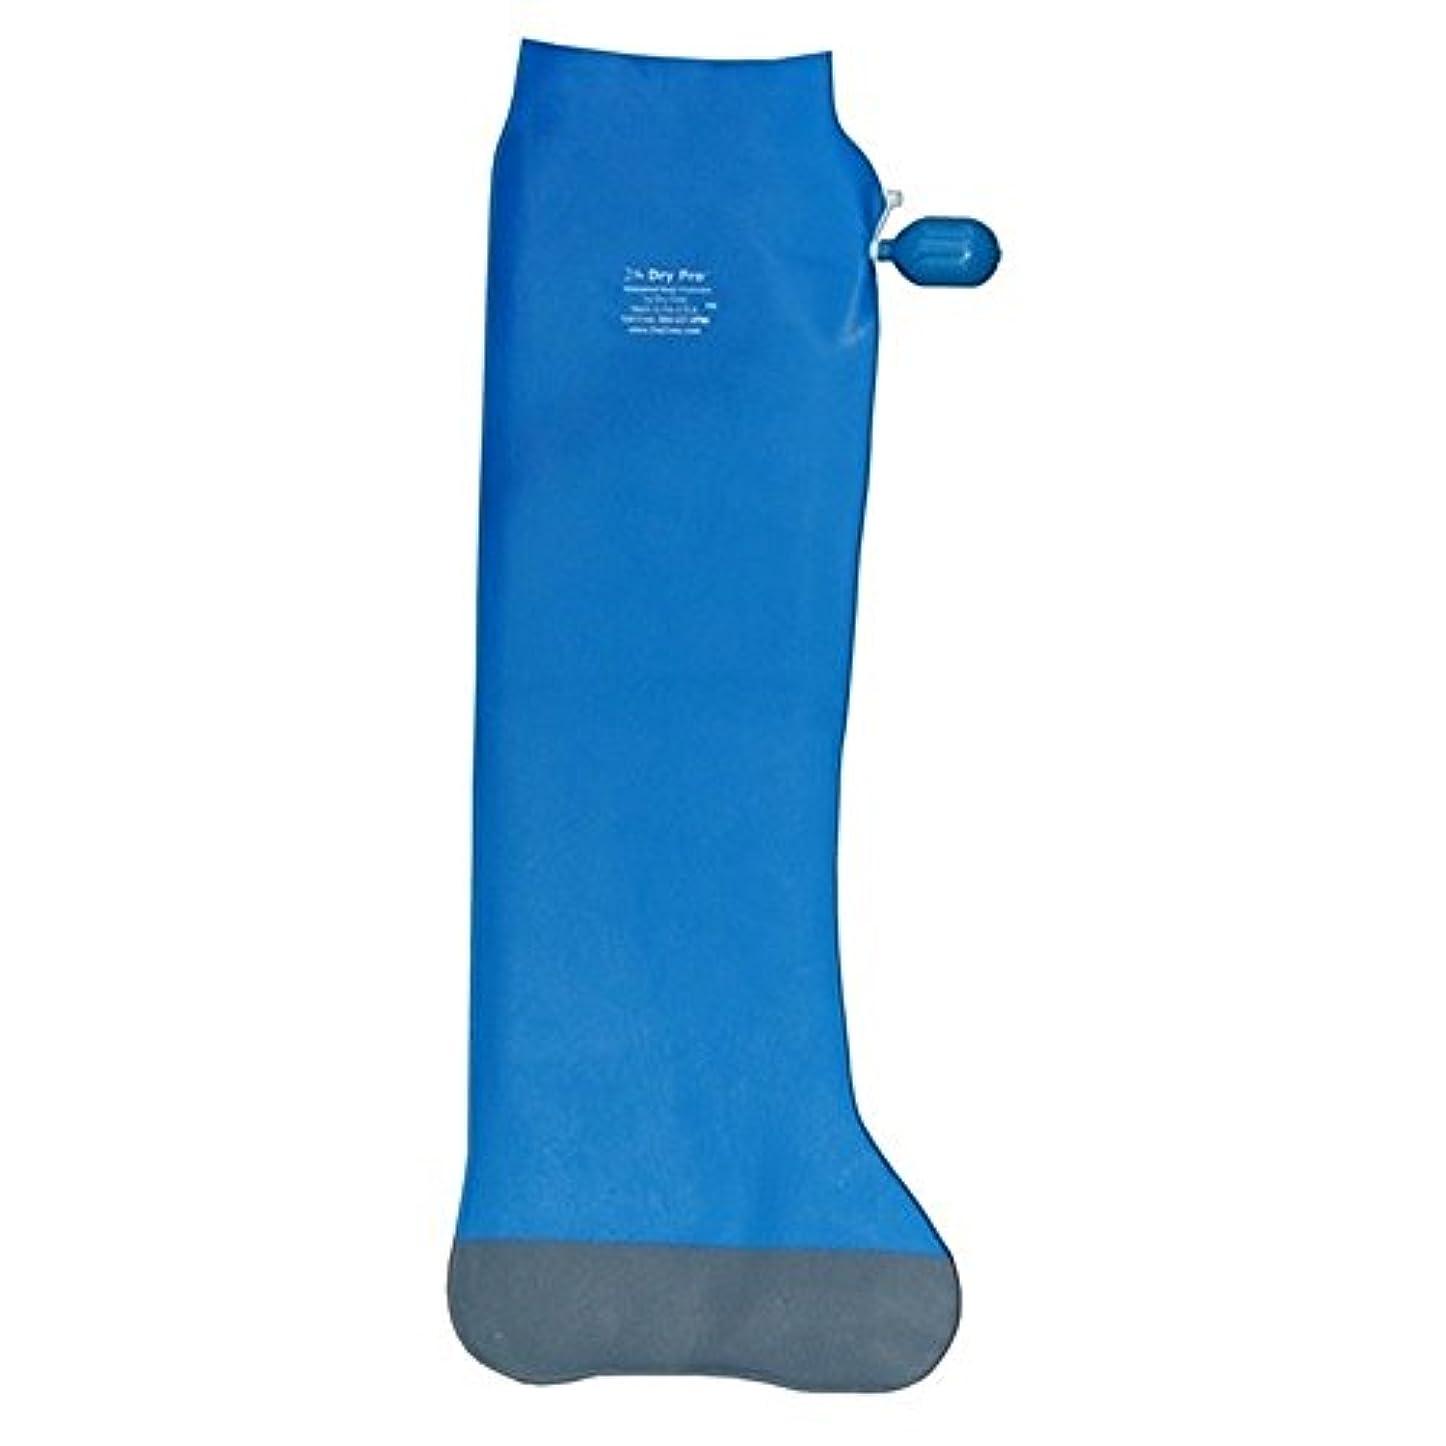 スリラー平均信頼性【骨折】【ギプス】 ドライプロ 足用防水カバー:フルサイズ (XS)